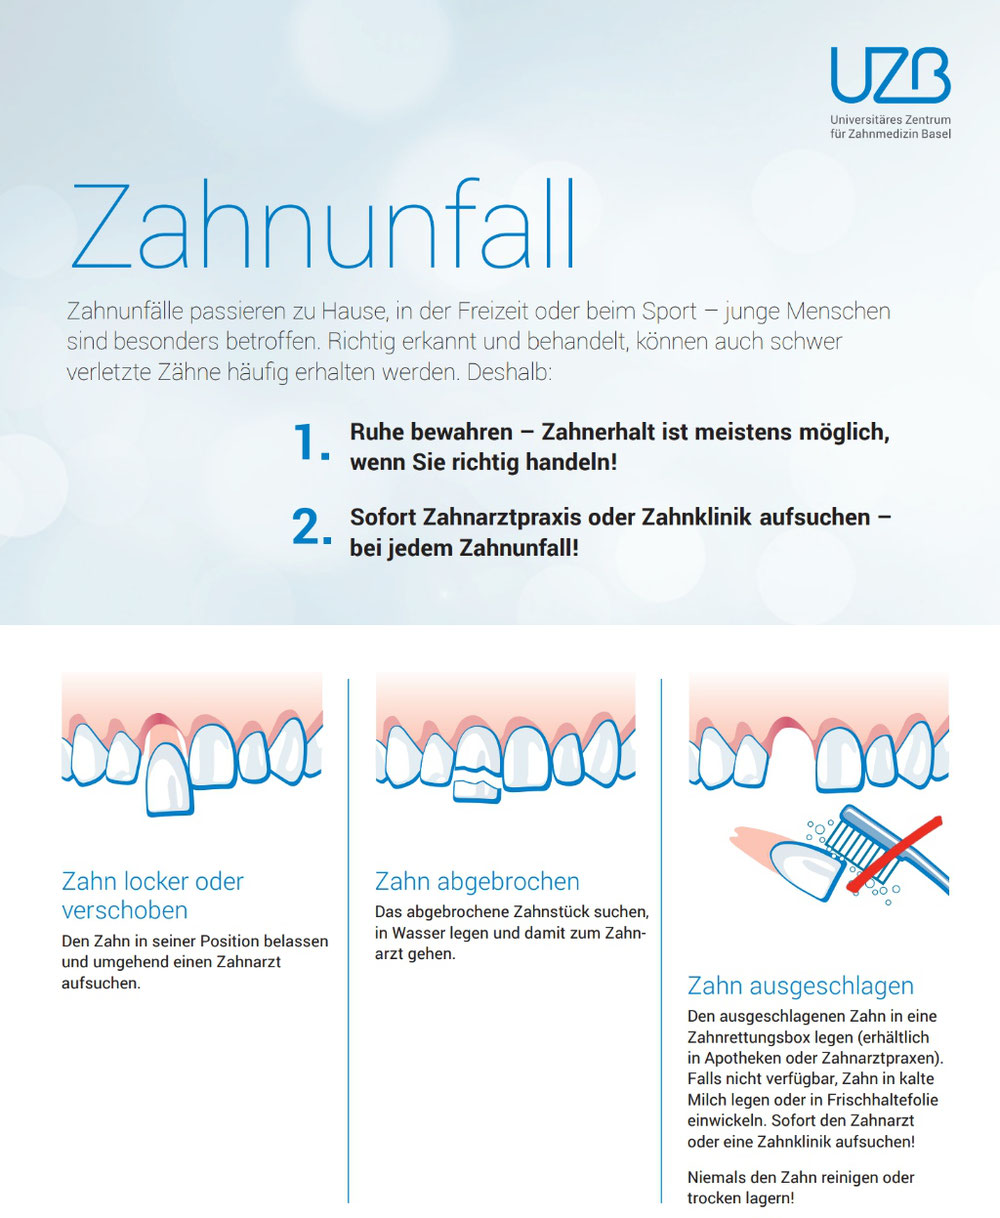 Zahnunfall bleibender Zahn - Poster des Universitären Zentrums für Zahnmedizin Basel